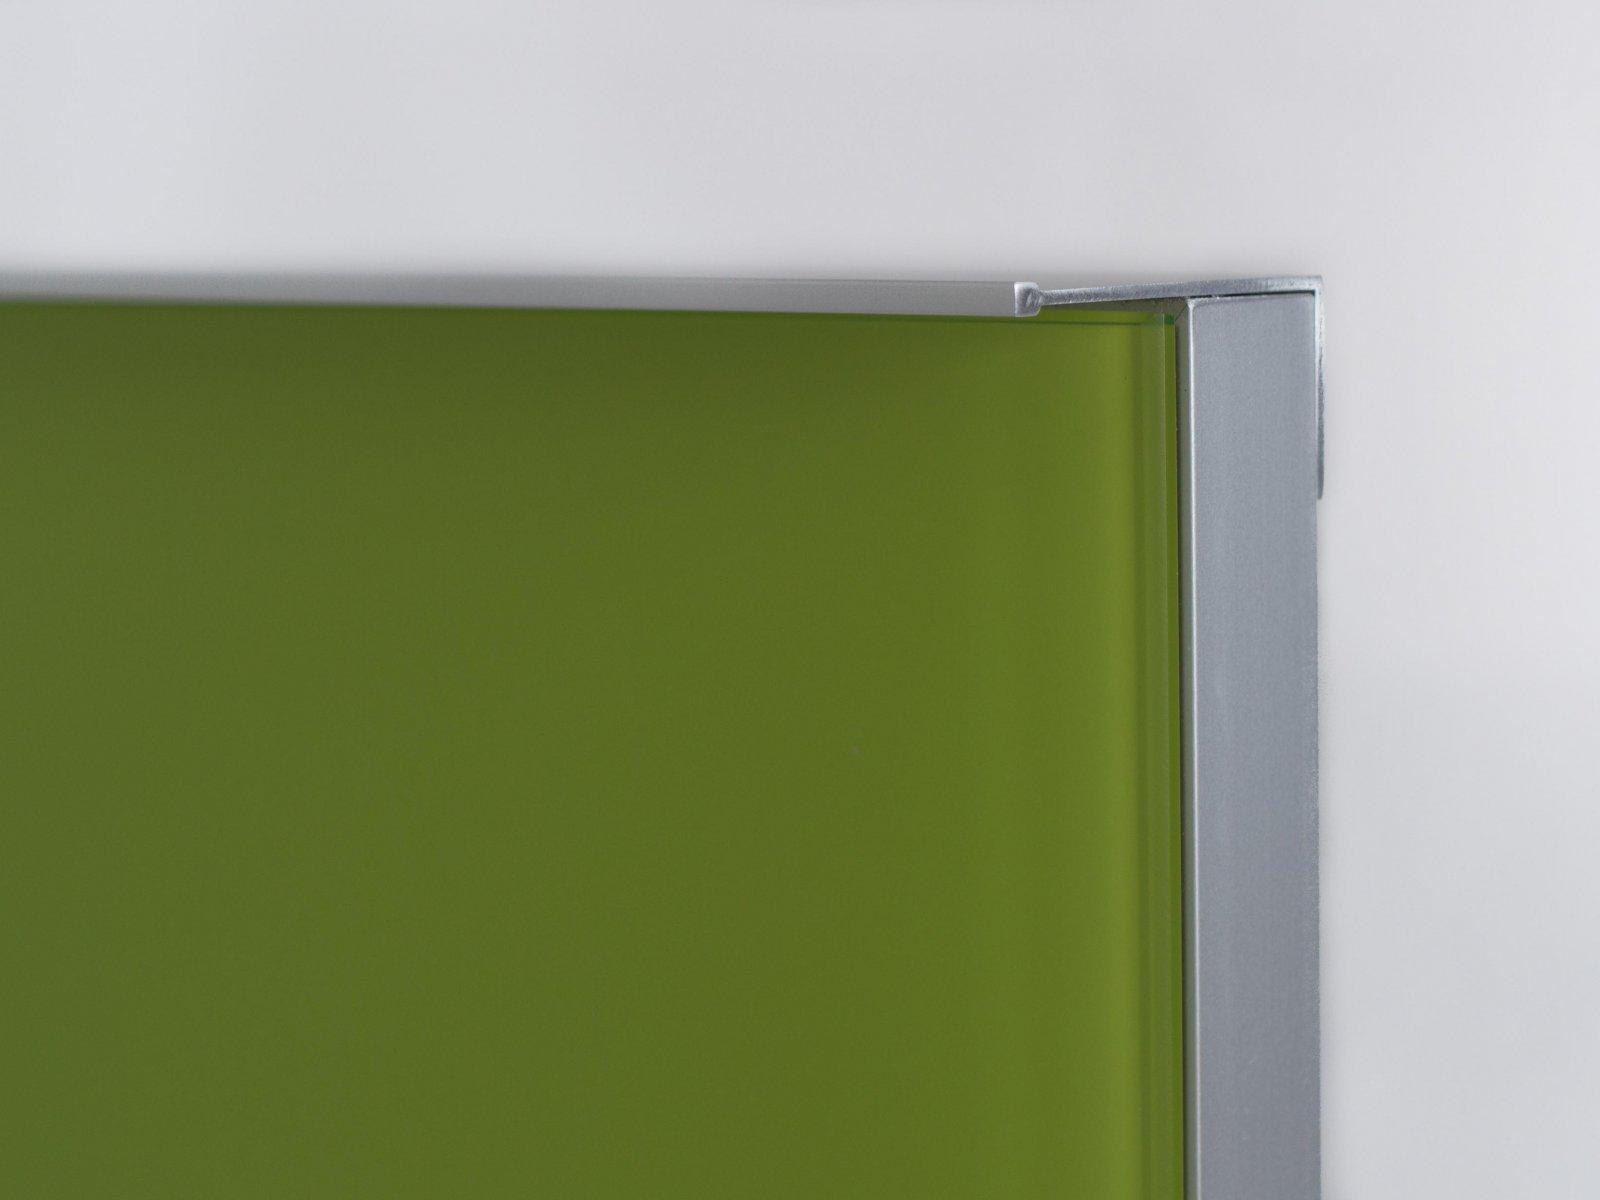 Porta-10 (Perfil V08 mate + puxador L01 mate + vidro lacado verde)